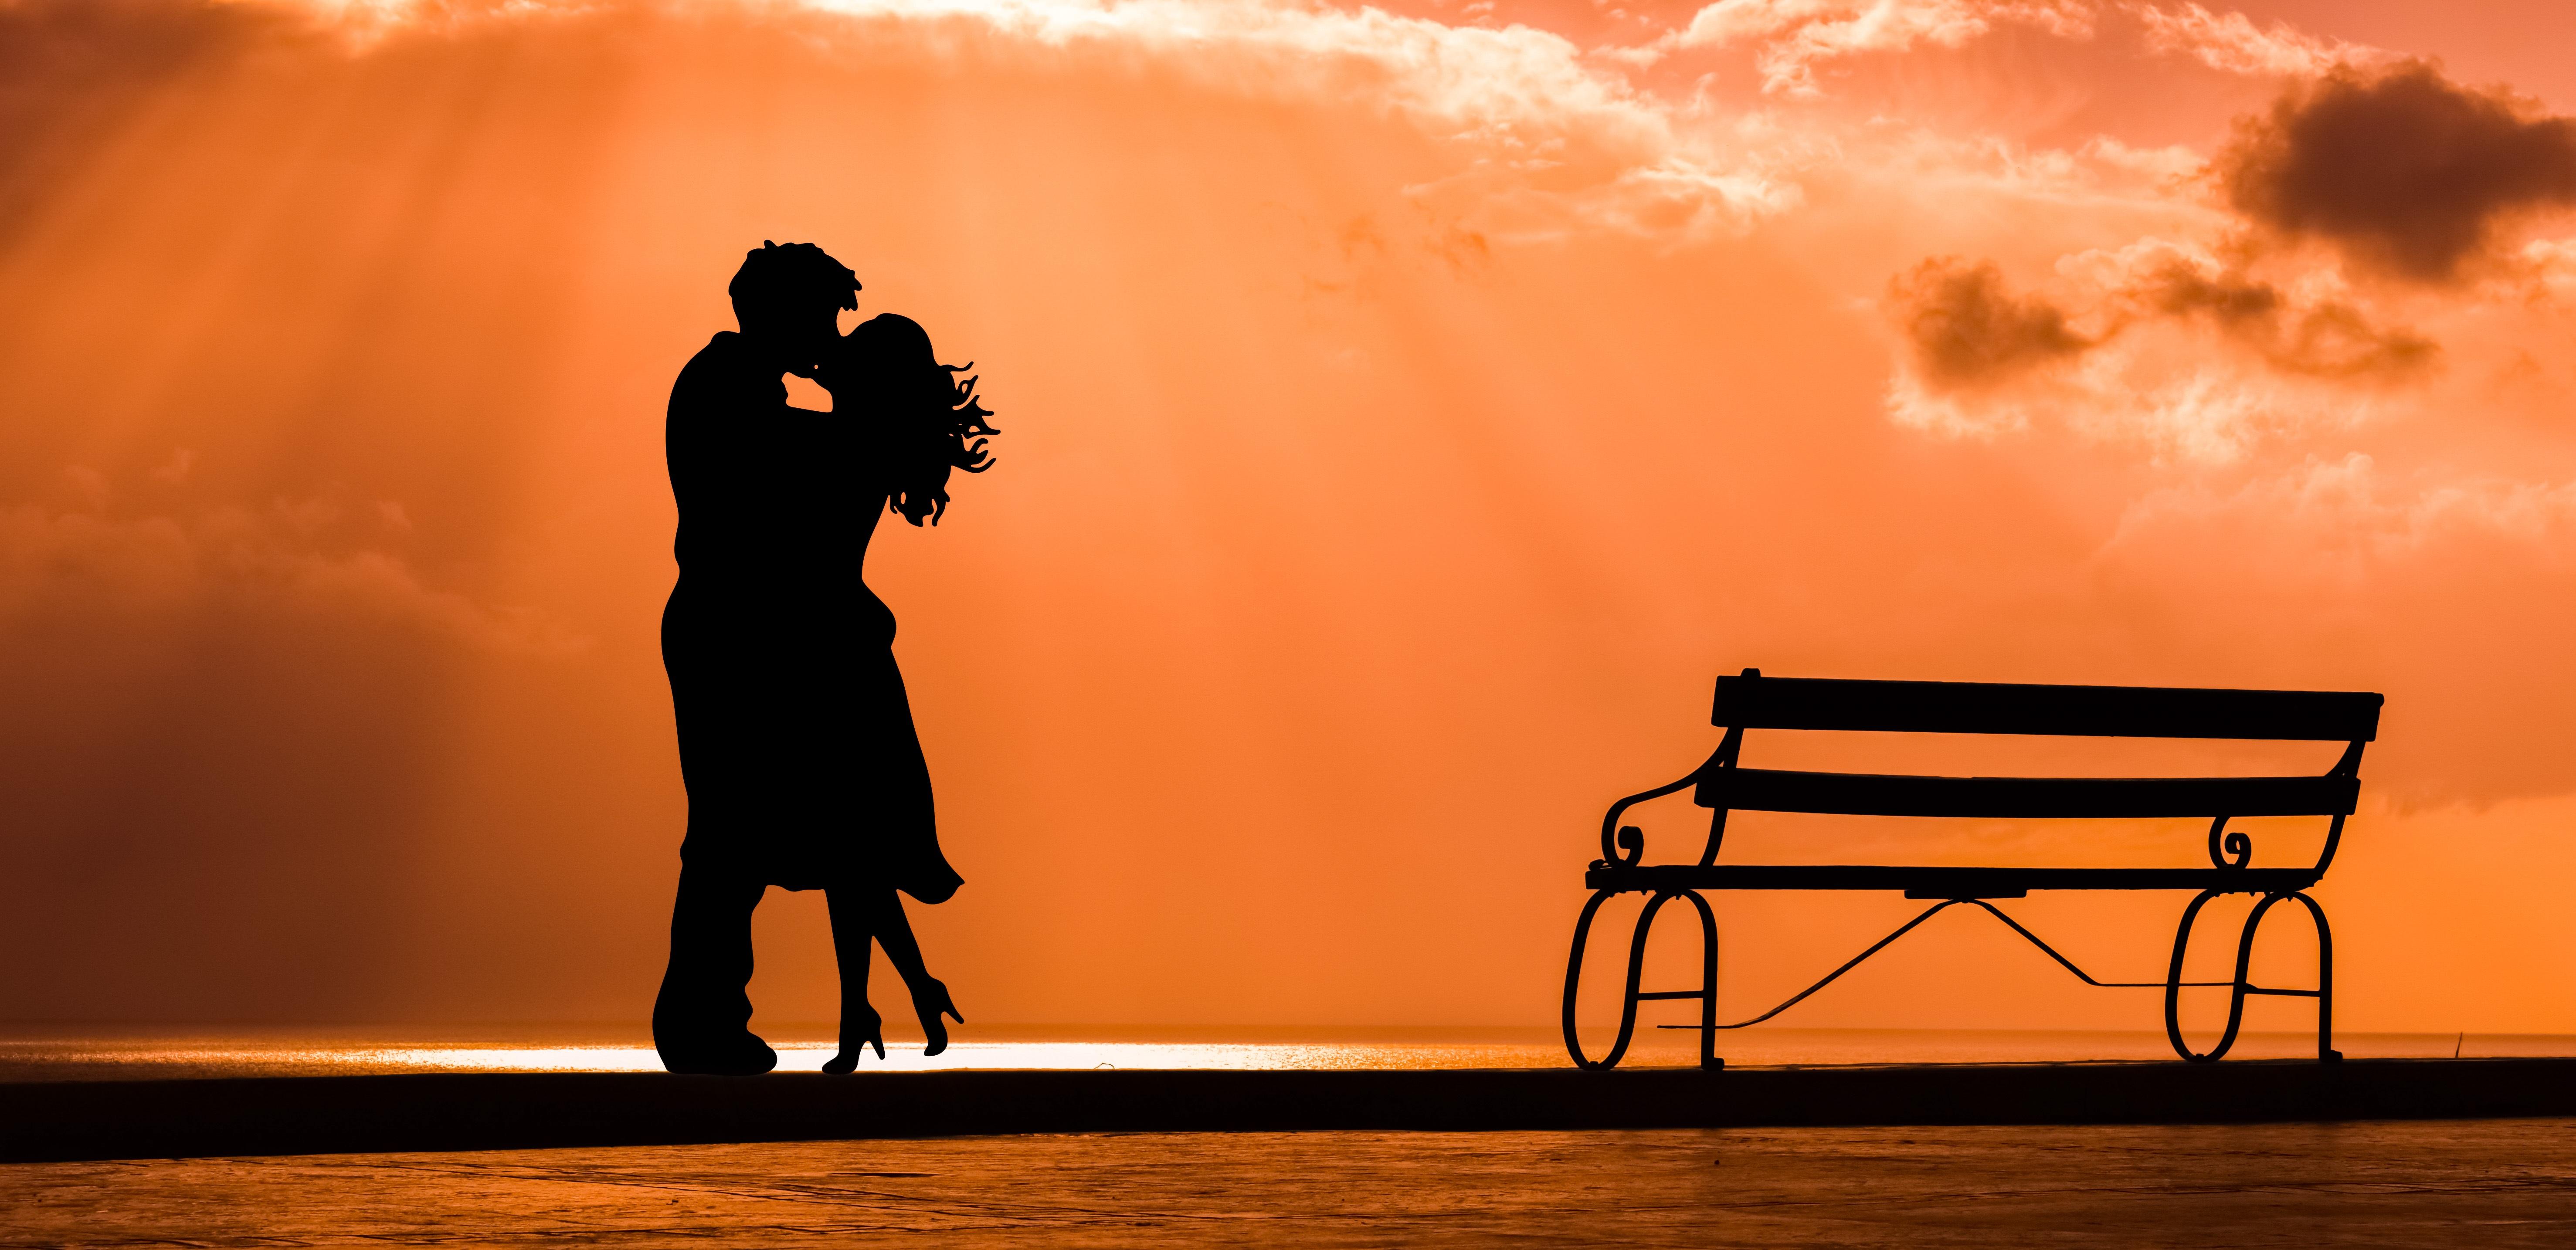 Качественные обои любовь 2560x1600 любовные сердца картинки фото ... | 2869x5911